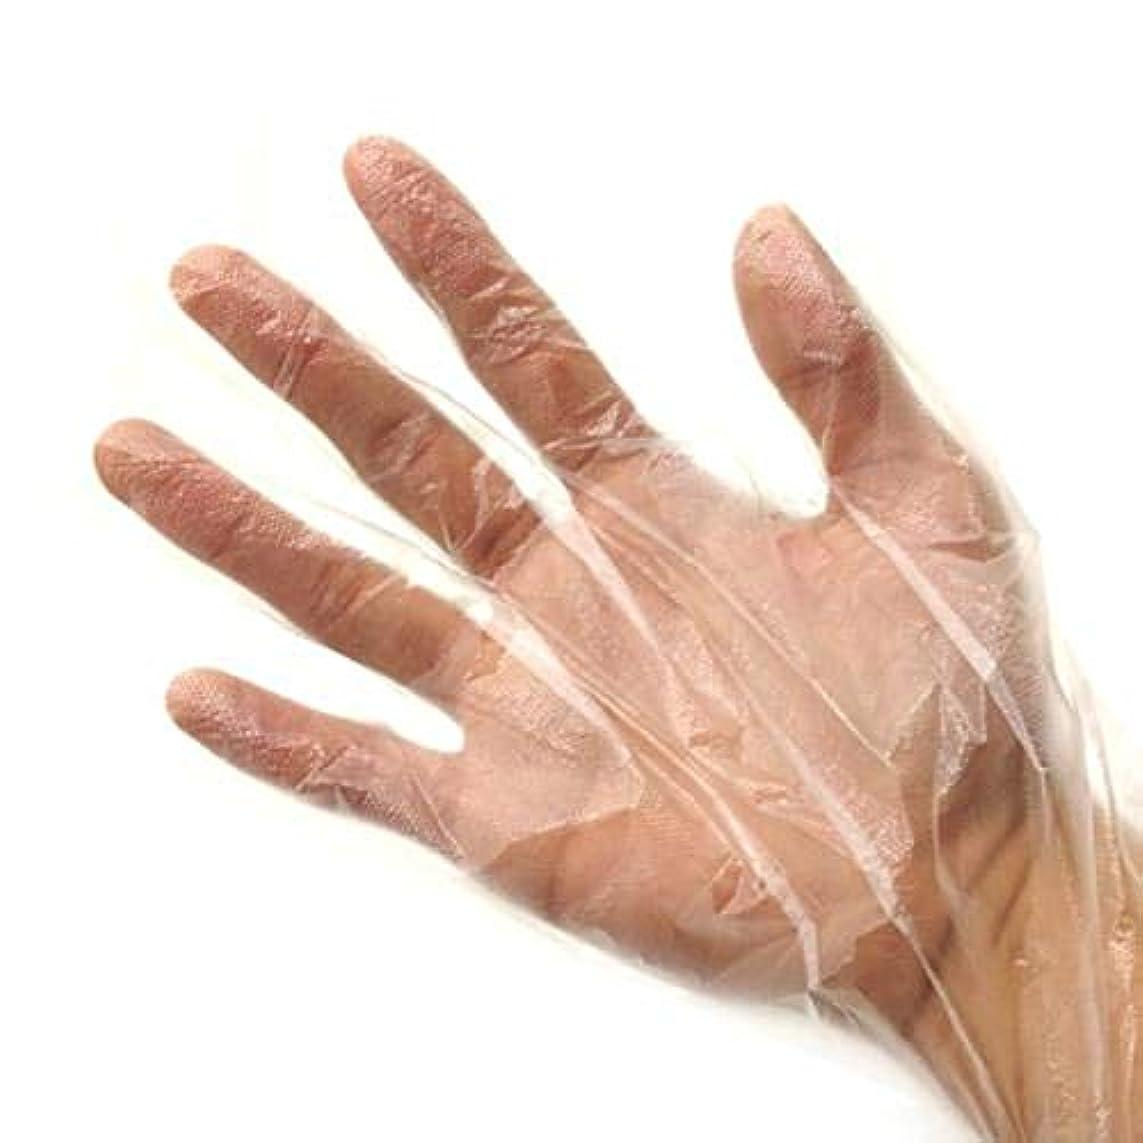 傷跡ぐったりレンズ使い捨て手袋 極薄ビニール手袋 調理 透明 実用 衛生 100枚入